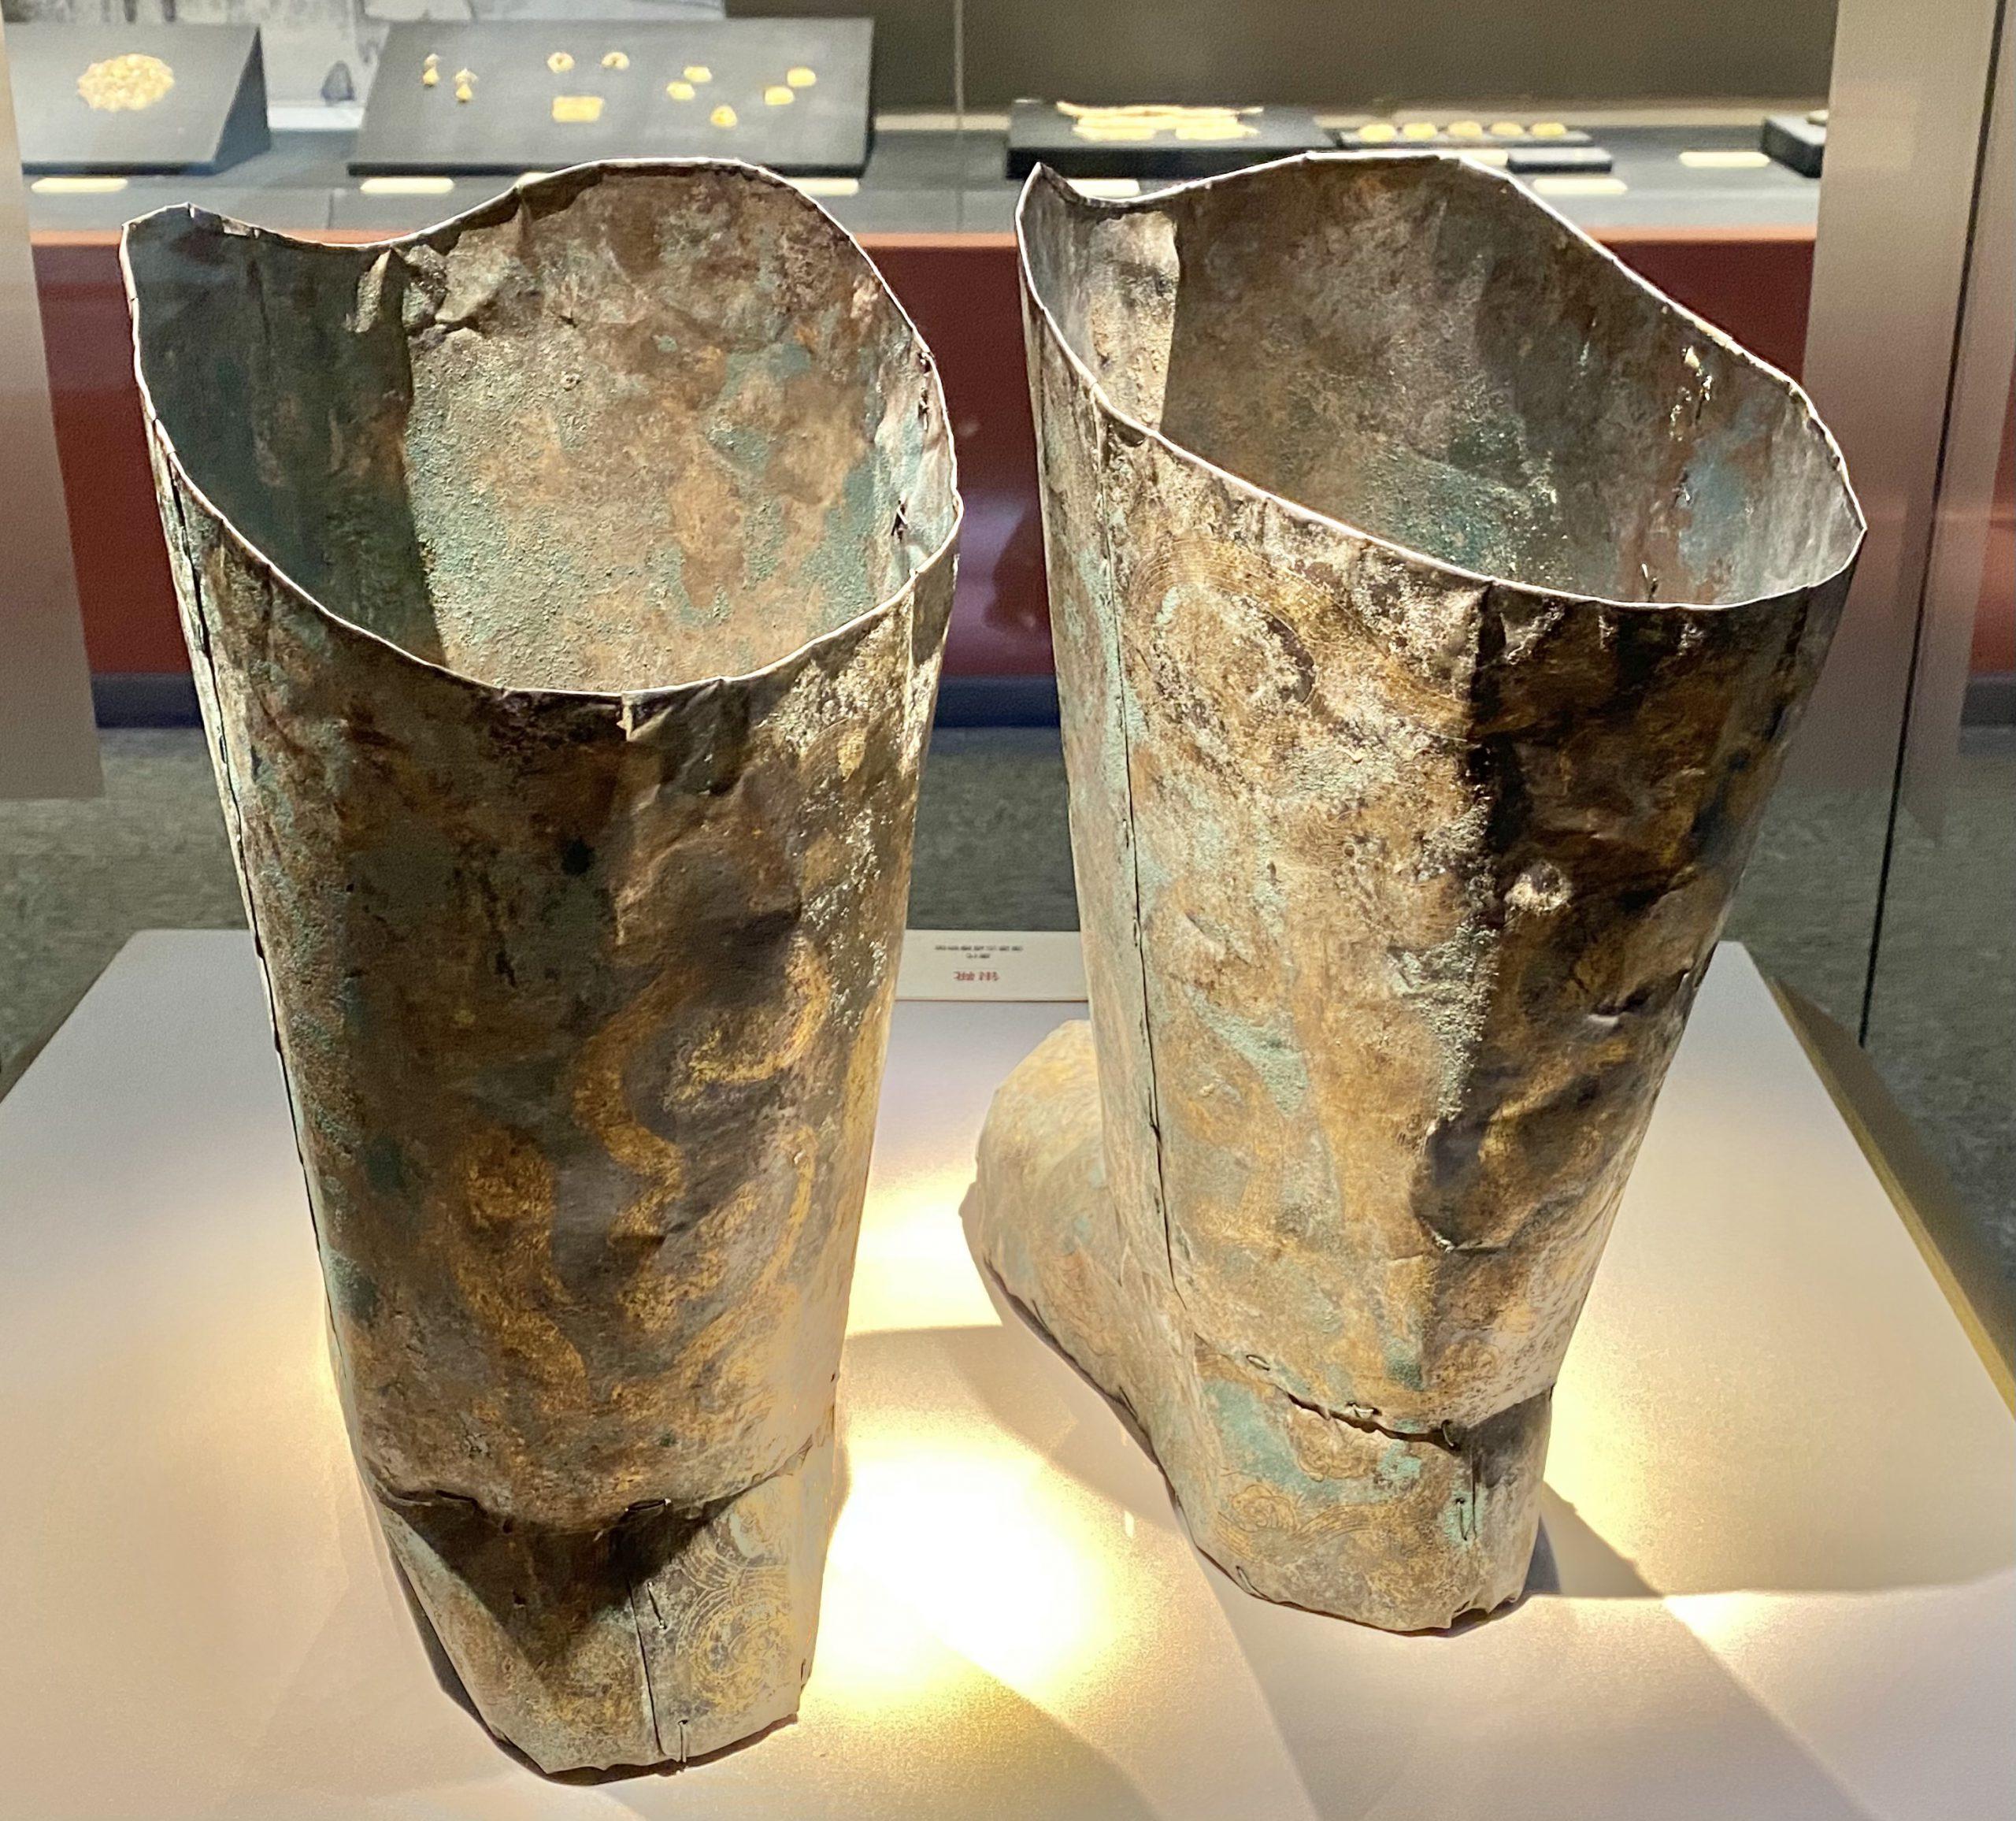 銀靴-唐時代-巡回特別展【天歌長歌-唐蕃古道】-四川博物館